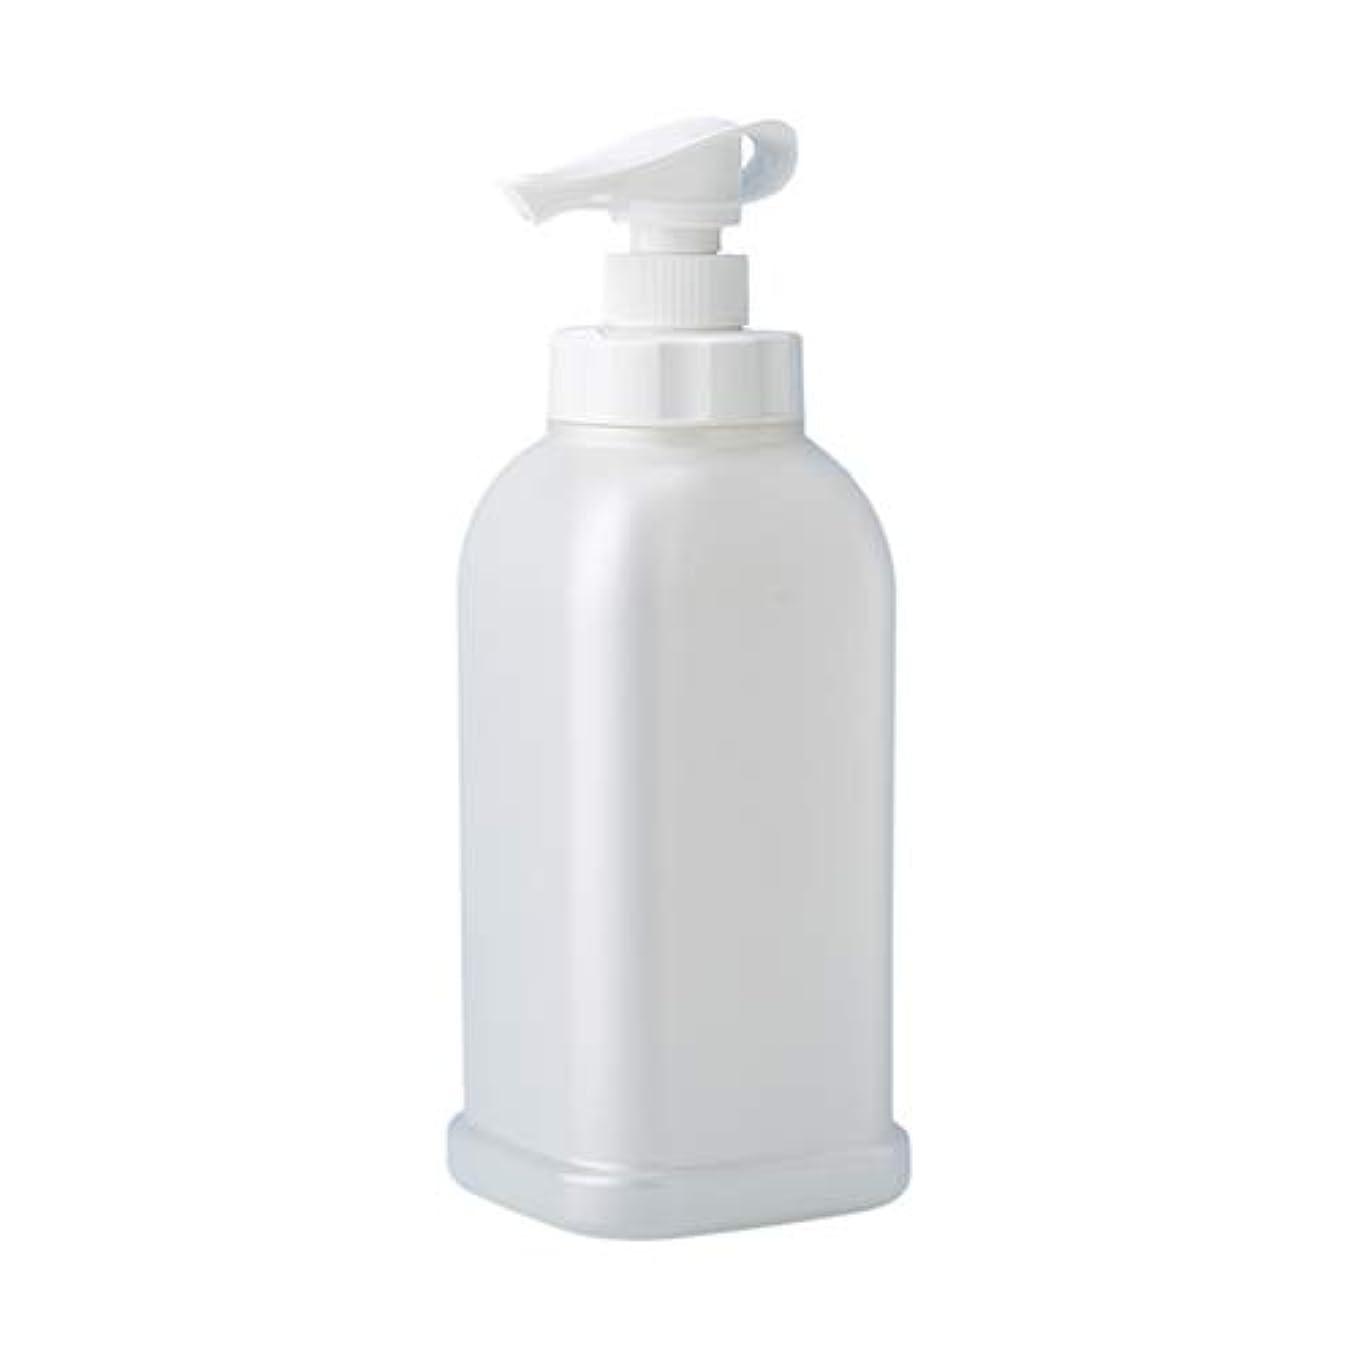 粗い有害なこっそり安定感のある ポンプボトル シャンプー コンディショナー リンス ボディソープ ハンドソープ 1.2L詰め替え容器 パールホワイト